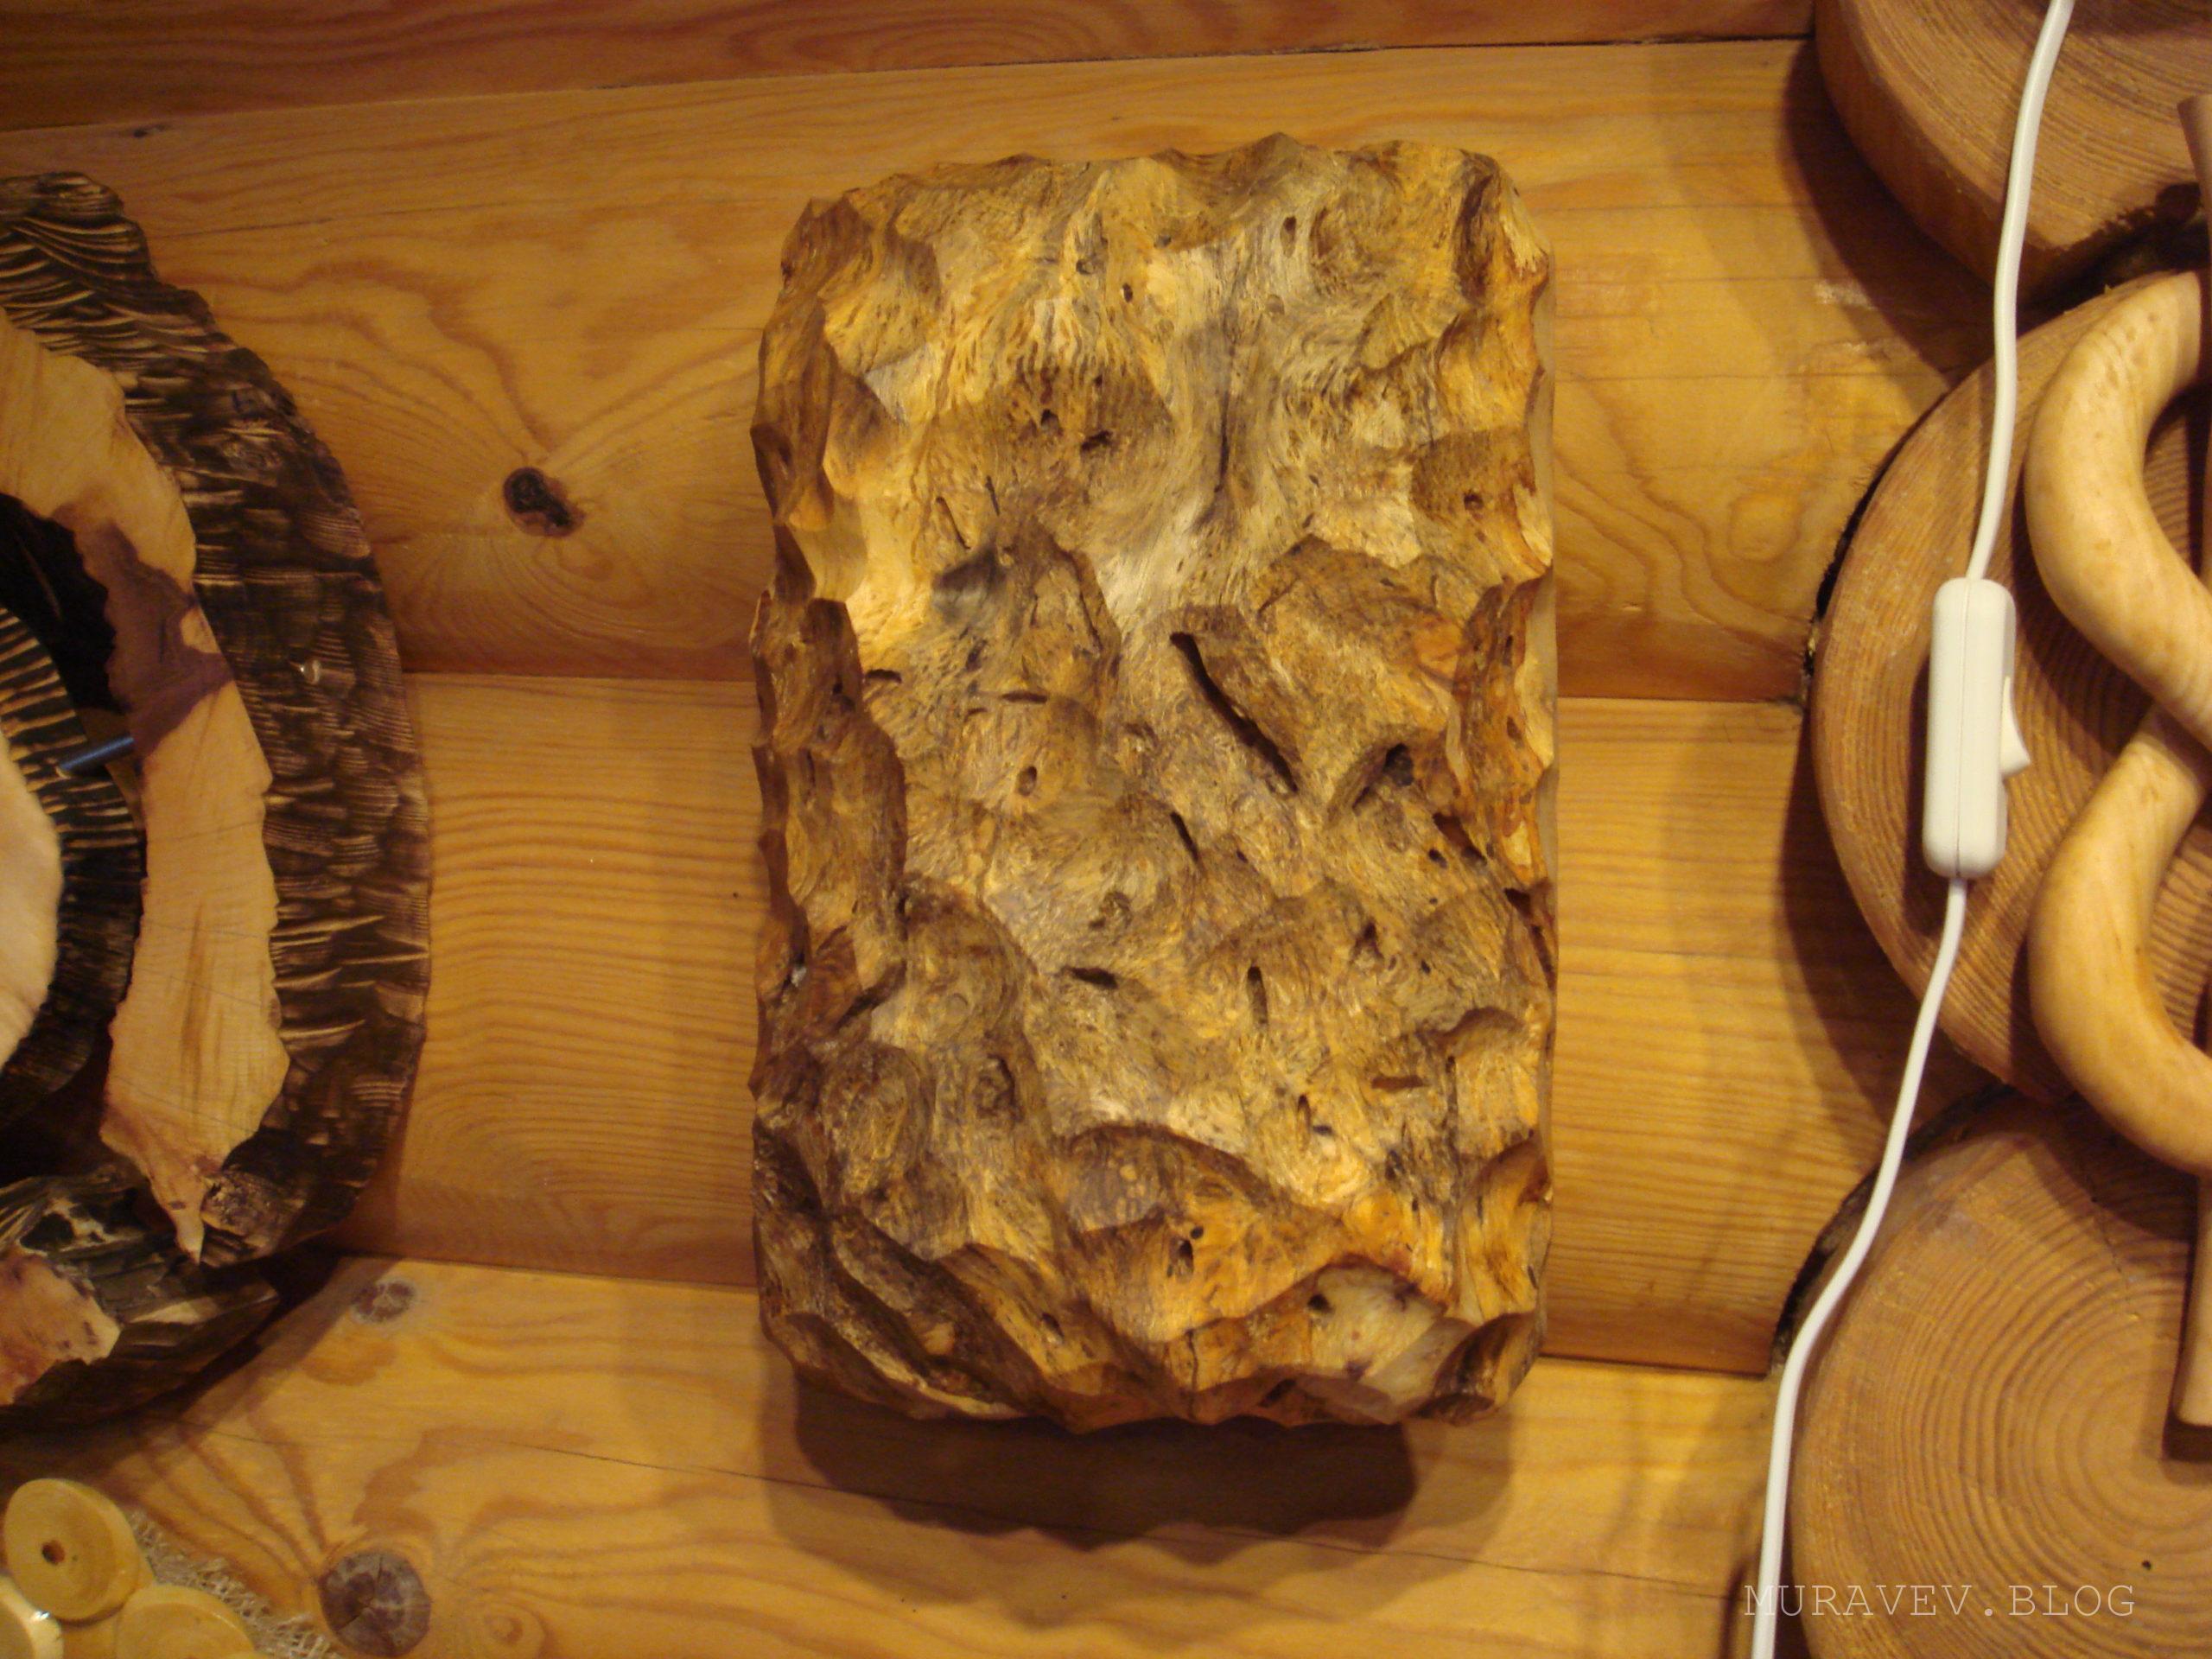 Поделки из капа березы и сосны своими руками: фото мини бара